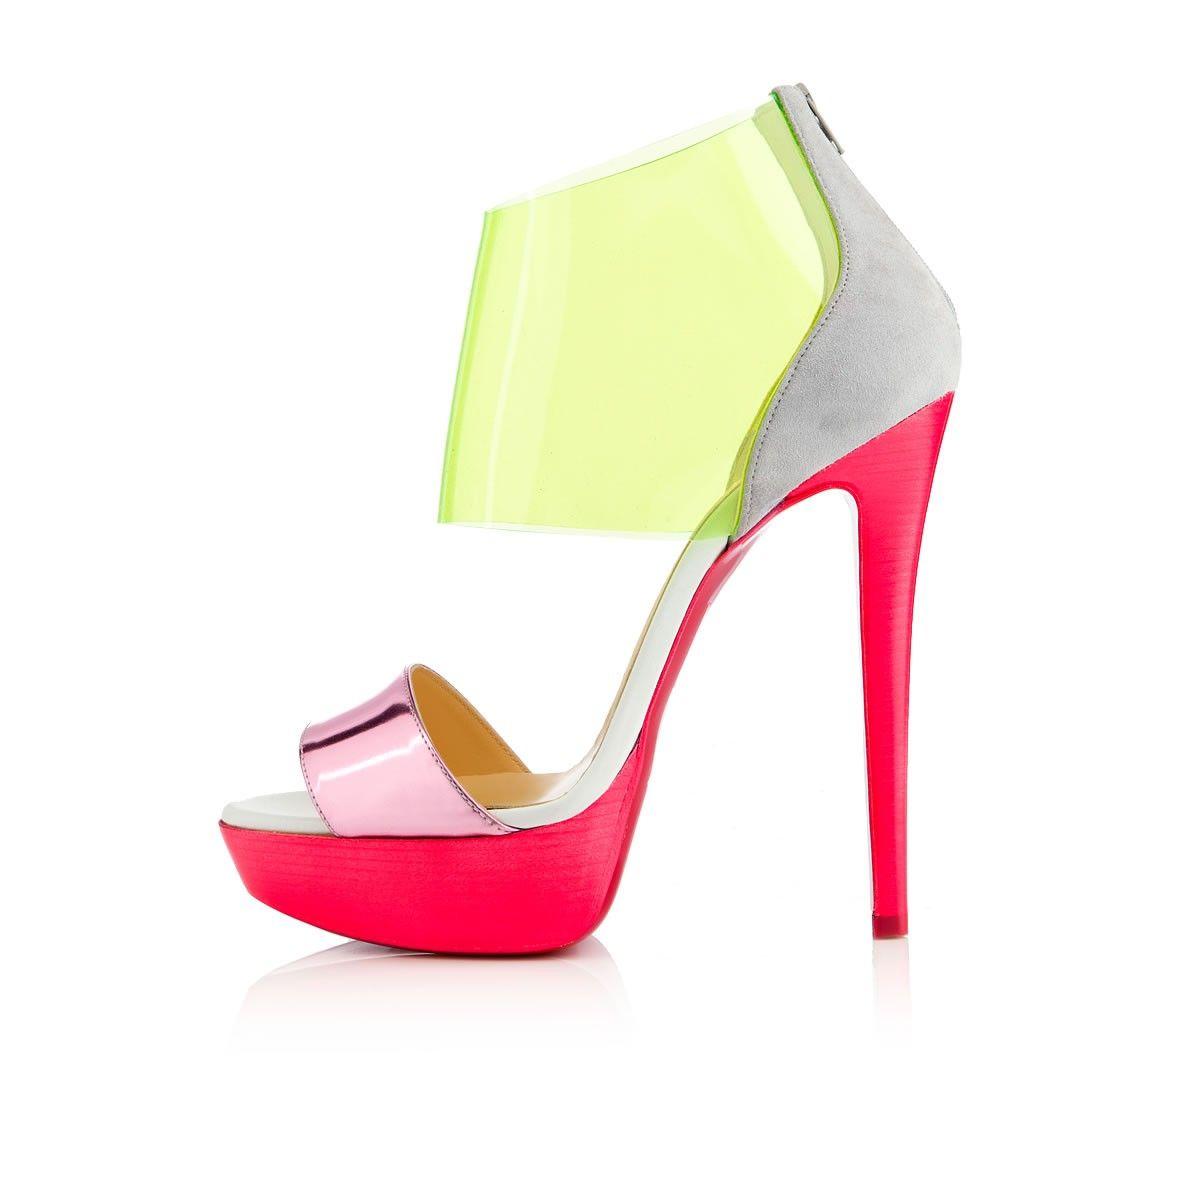 Pink dress shoes for ladies  DUFOURA PVC Rose Paris Souliers pour femme shoes